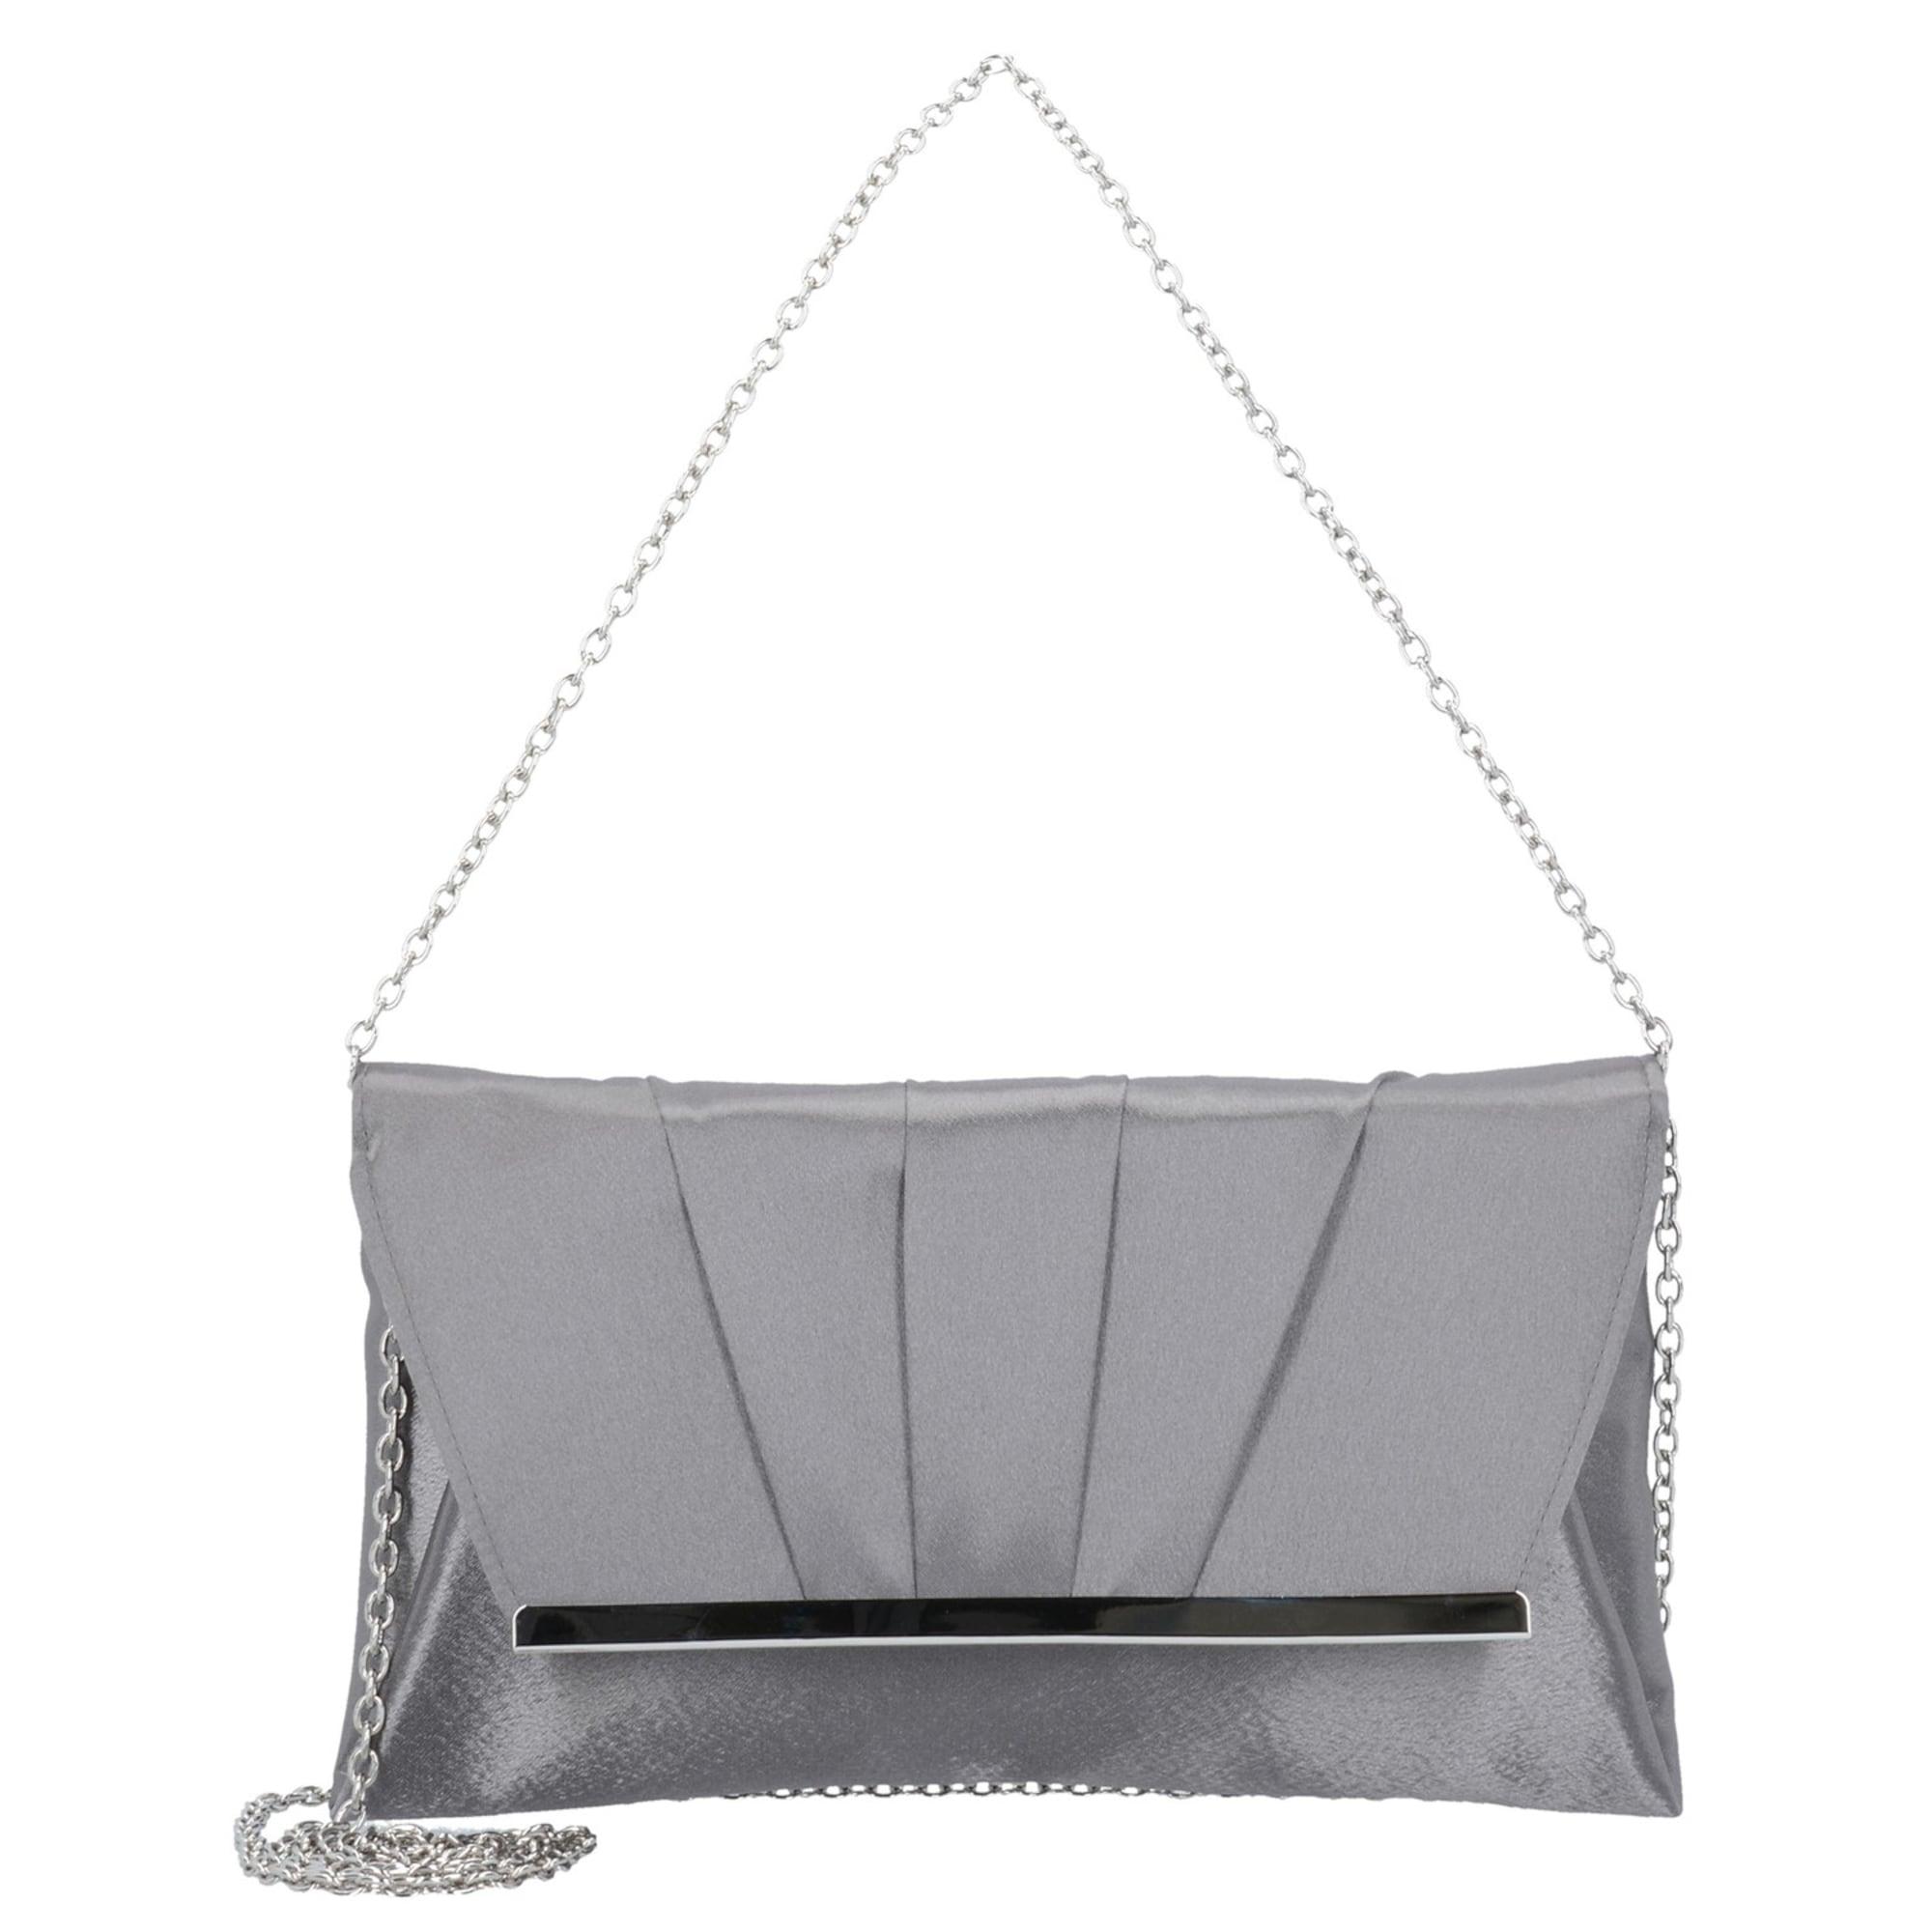 Scala Abendtasche | Taschen > Handtaschen > Abendtaschen | Silbergrau | Picard